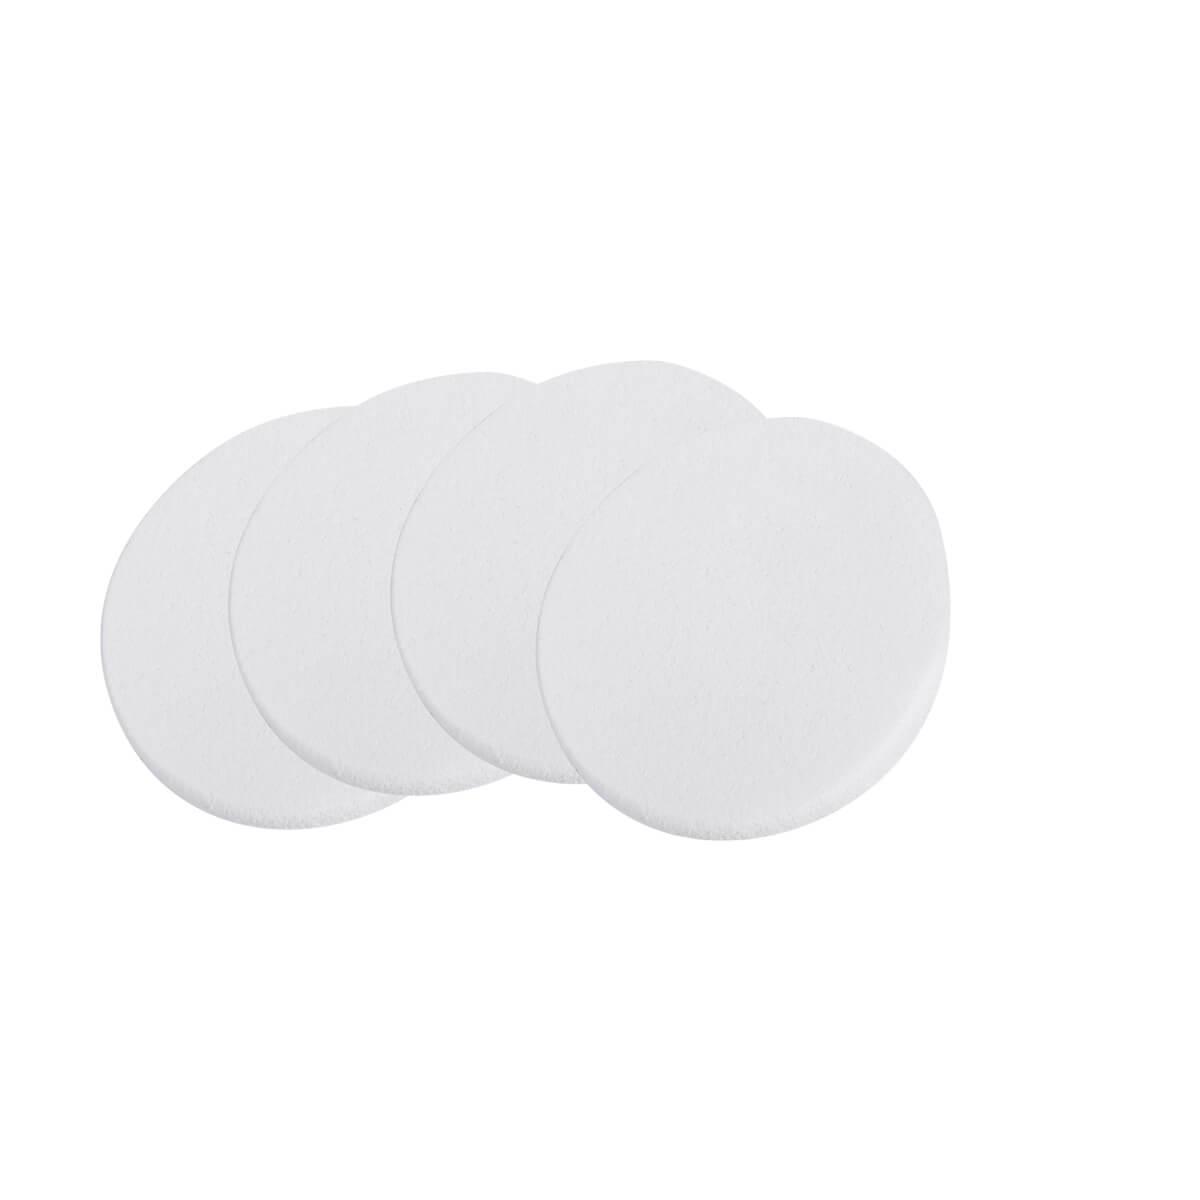 Esponja R808 Redonda Para Aplicação De Produto Kit Com 4 Sffumato Beauty